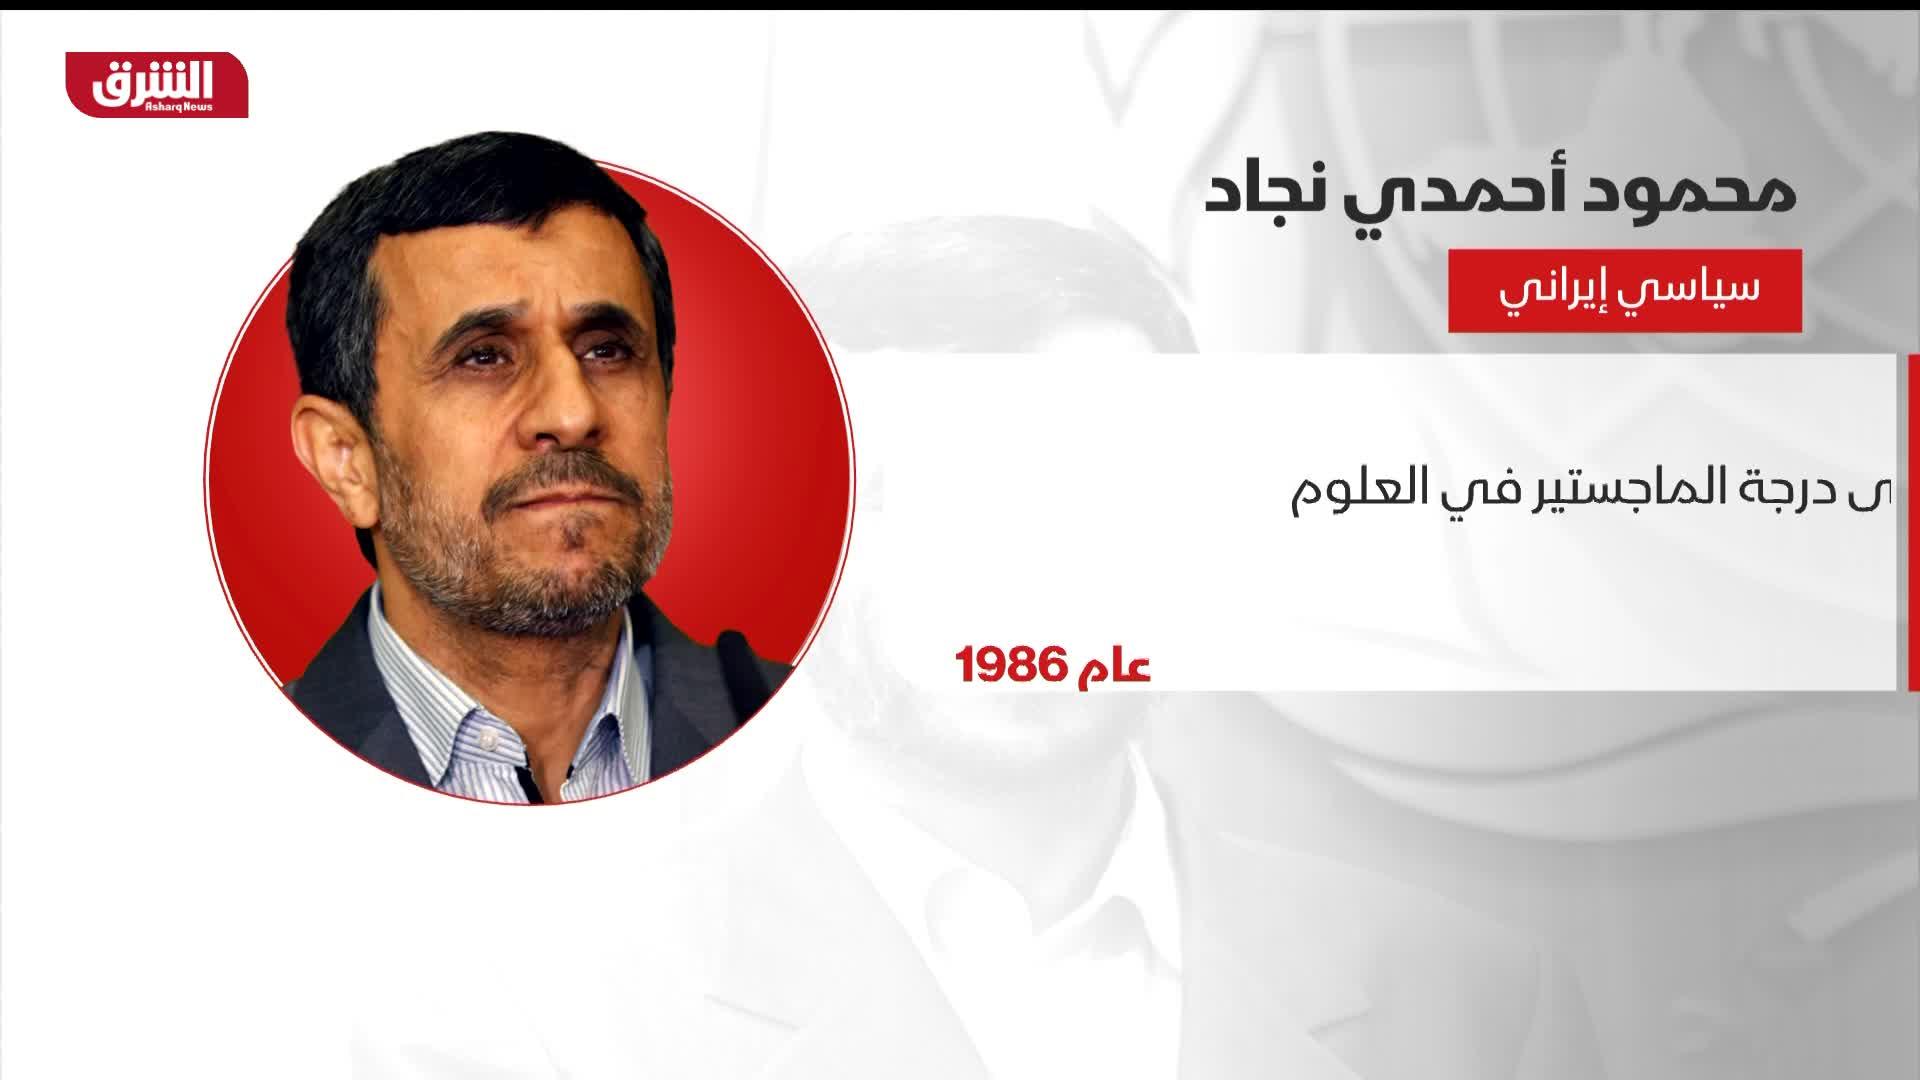 من هو؟.. محمود أحمدي نجاد